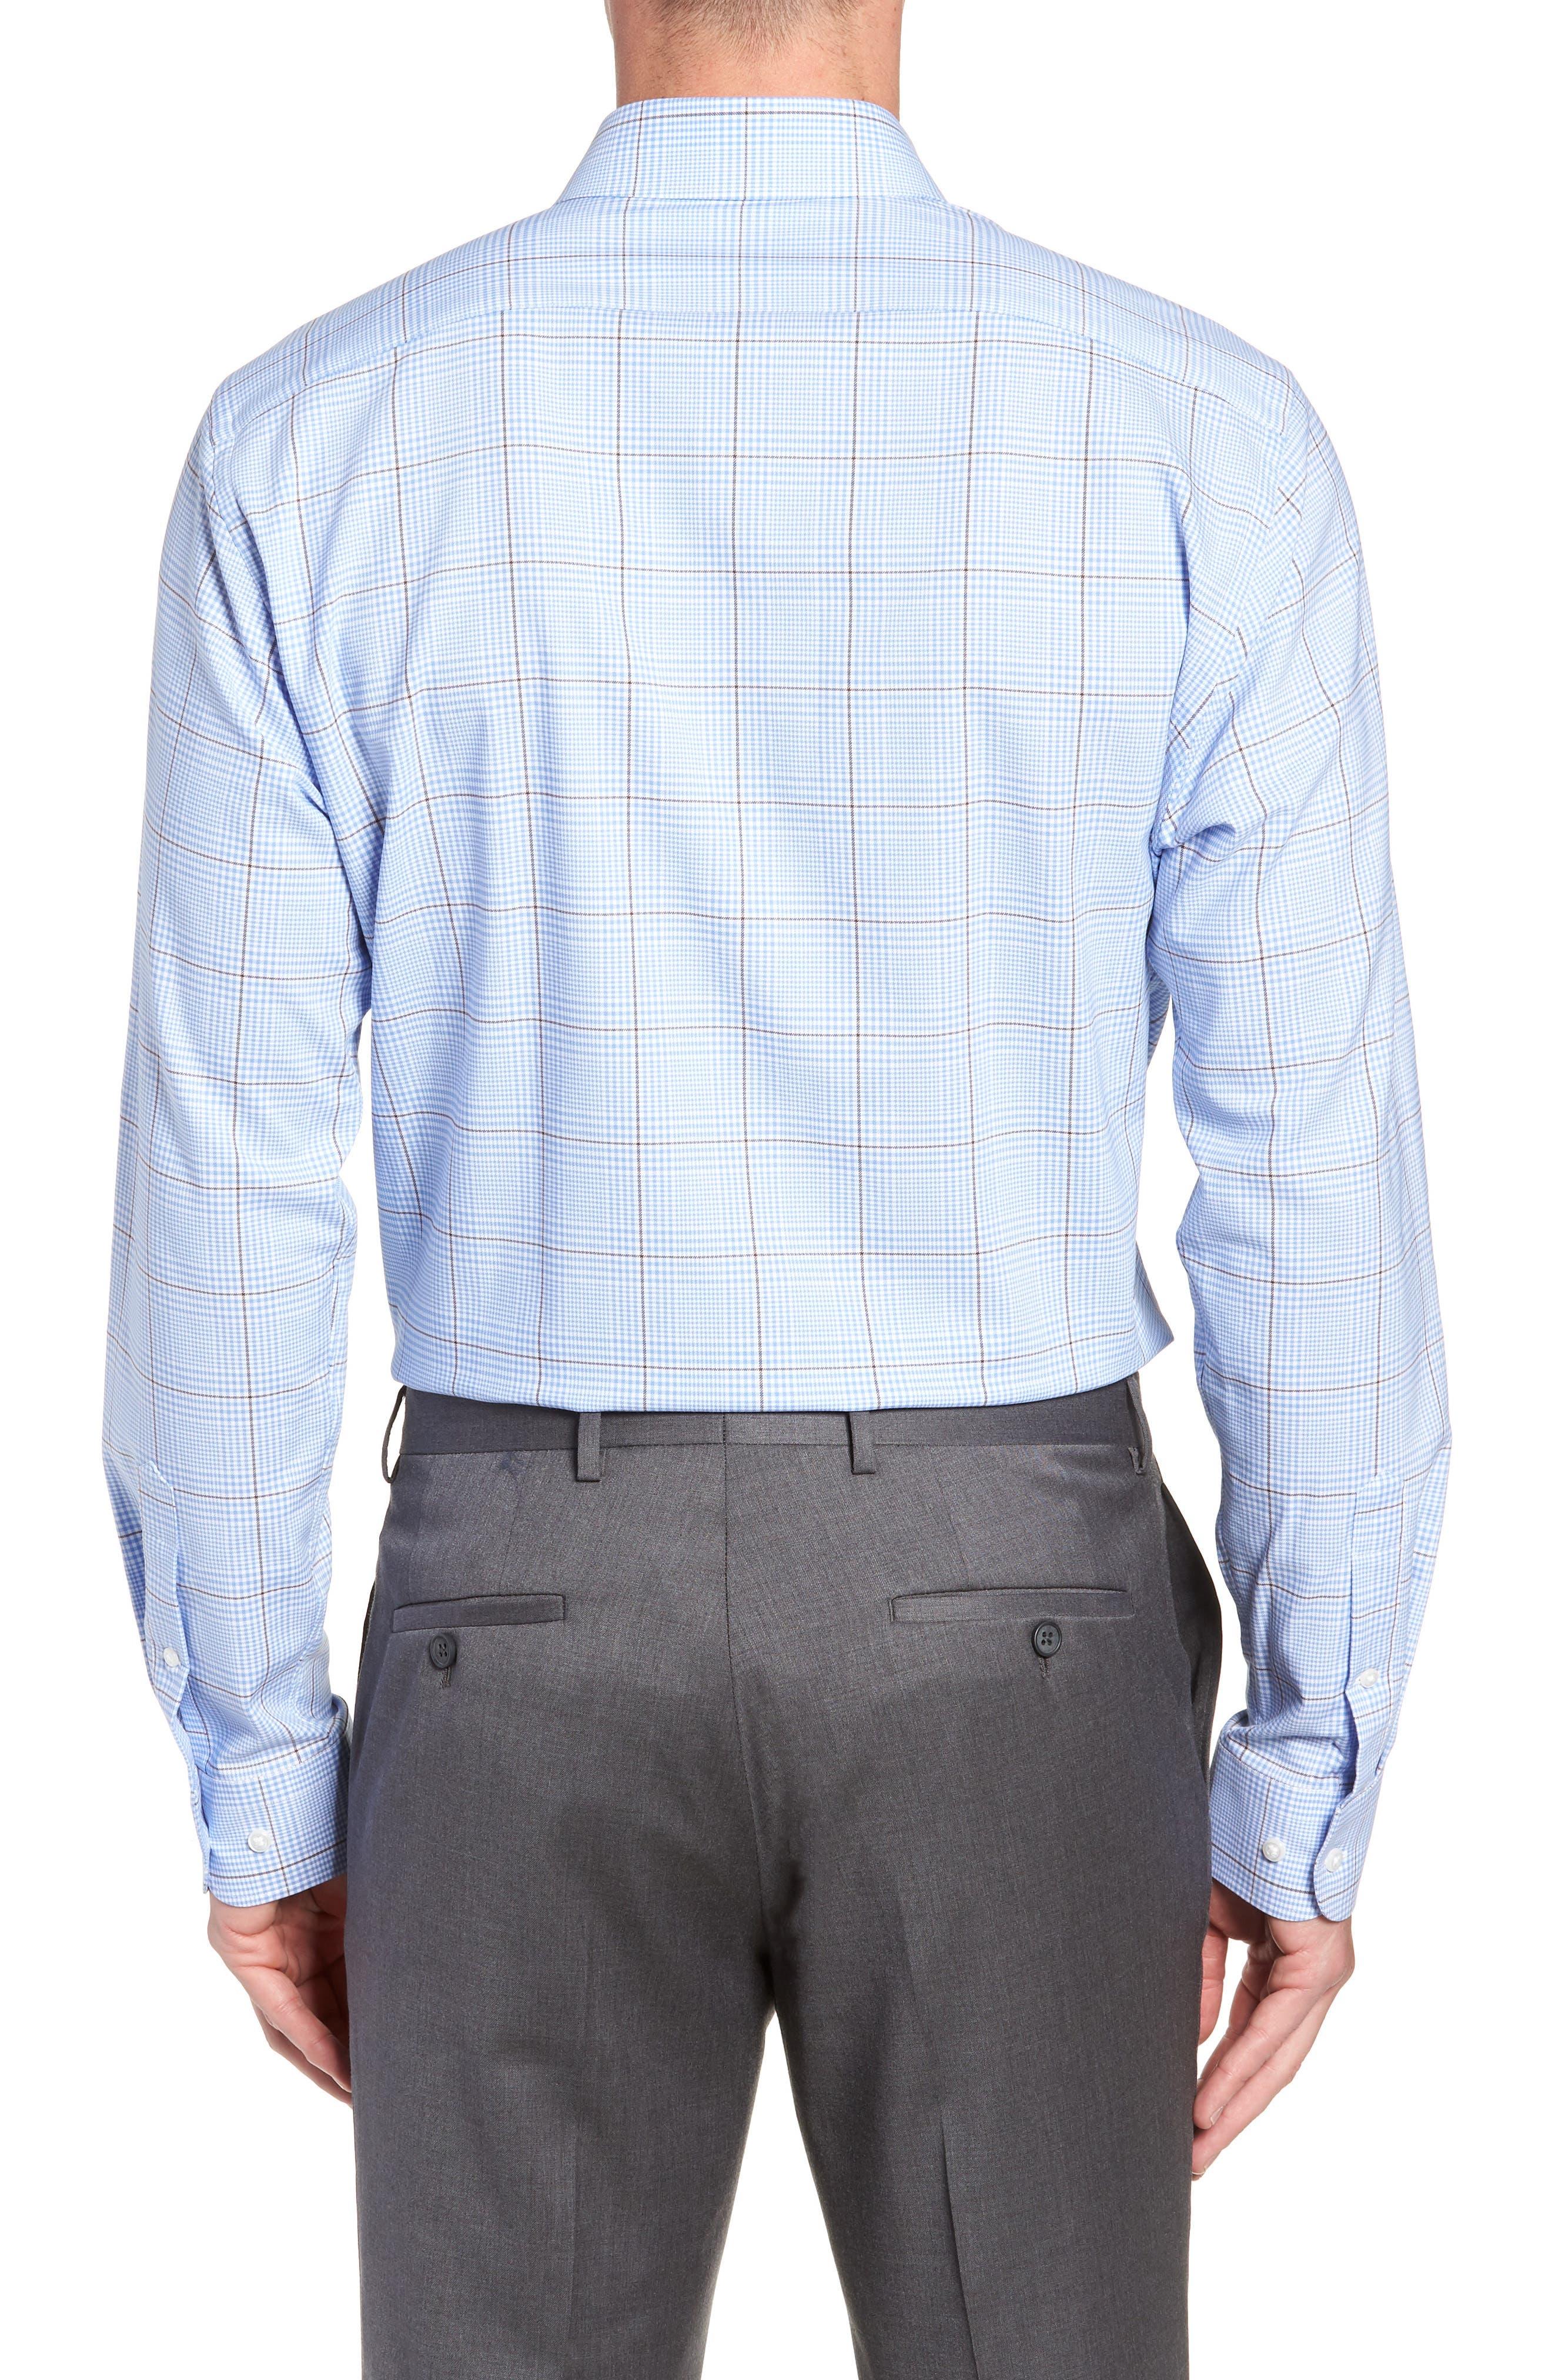 Tech-Smart Trim Fit Stretch Plaid Dress Shirt,                             Alternate thumbnail 3, color,                             BLUE HAZE